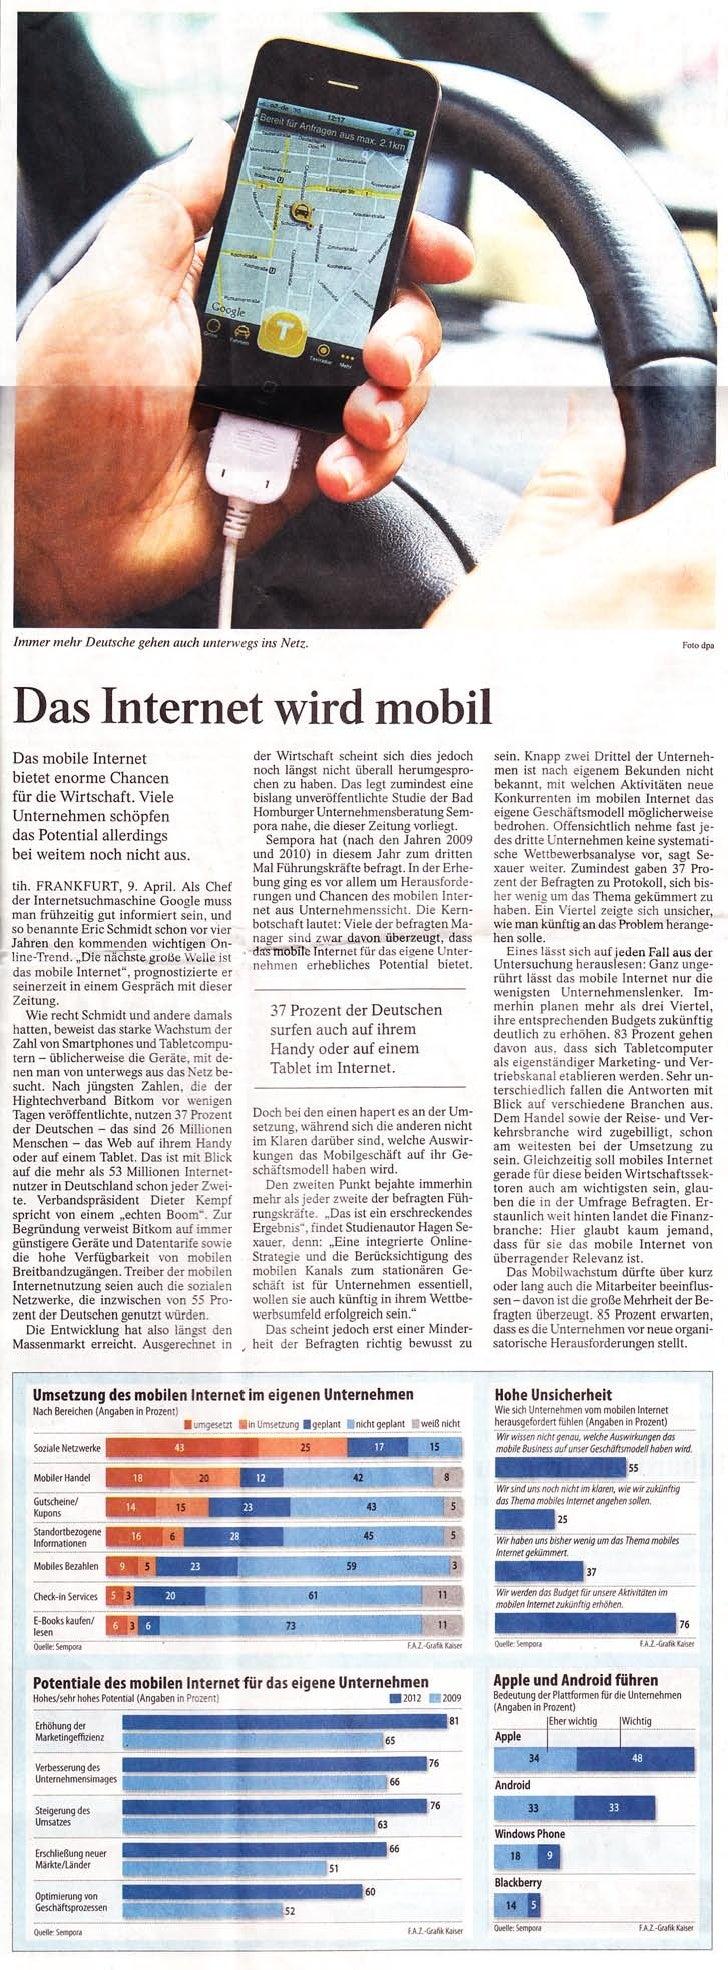 SEMPORA Studie Mobiles Internet 2012 - Hagen Sexauer